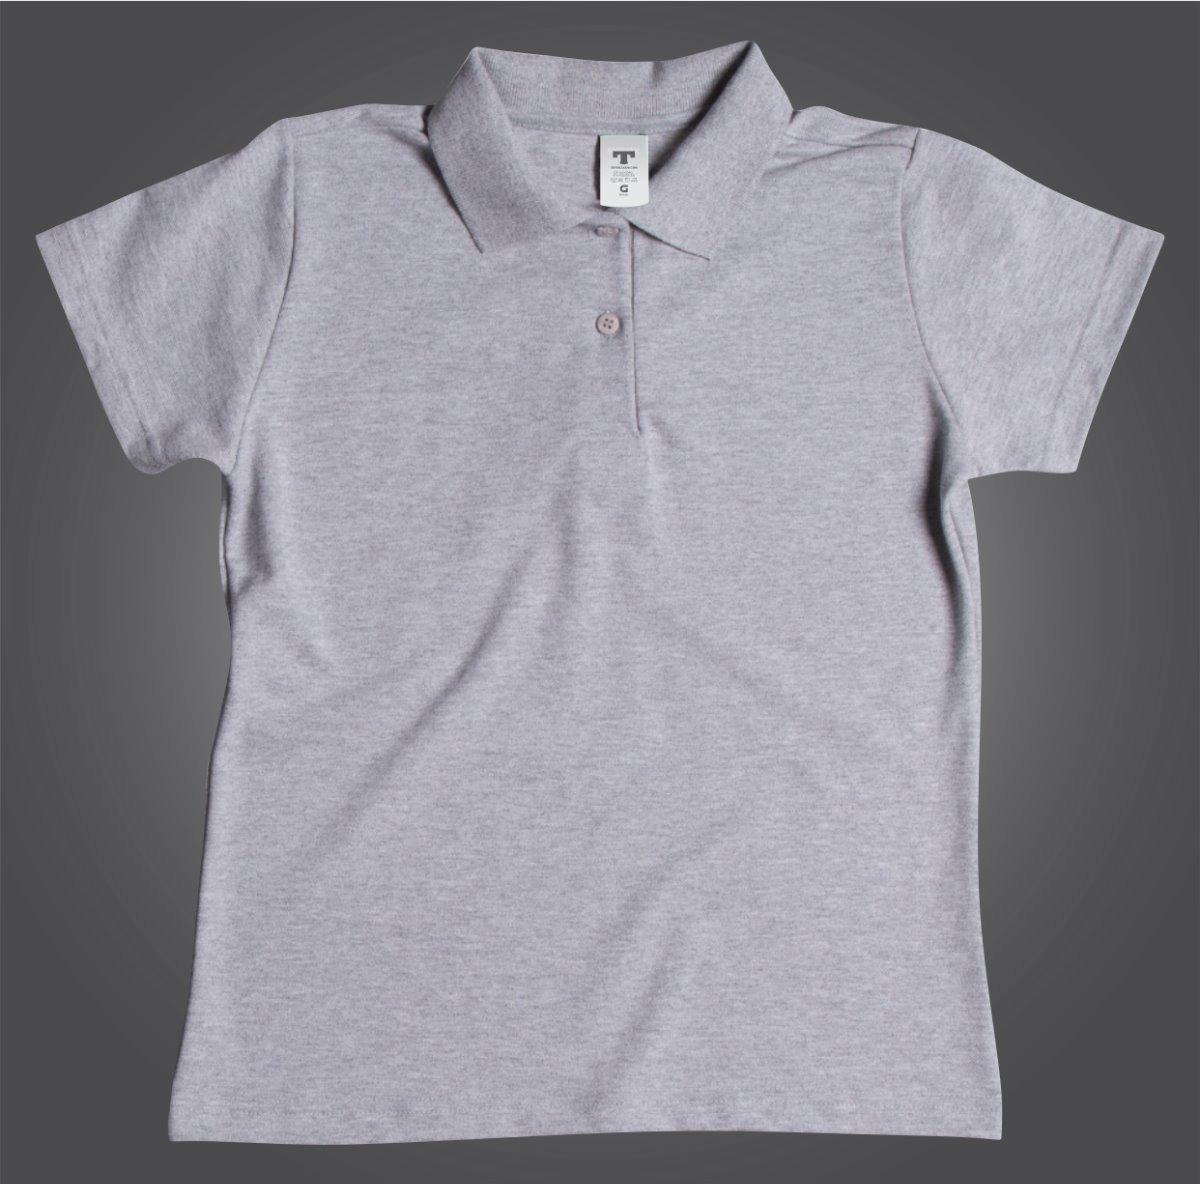 f64e0c6148f98 camisa camiseta blusa polo cinza mescla botão clássica lisa. Carregando  zoom.